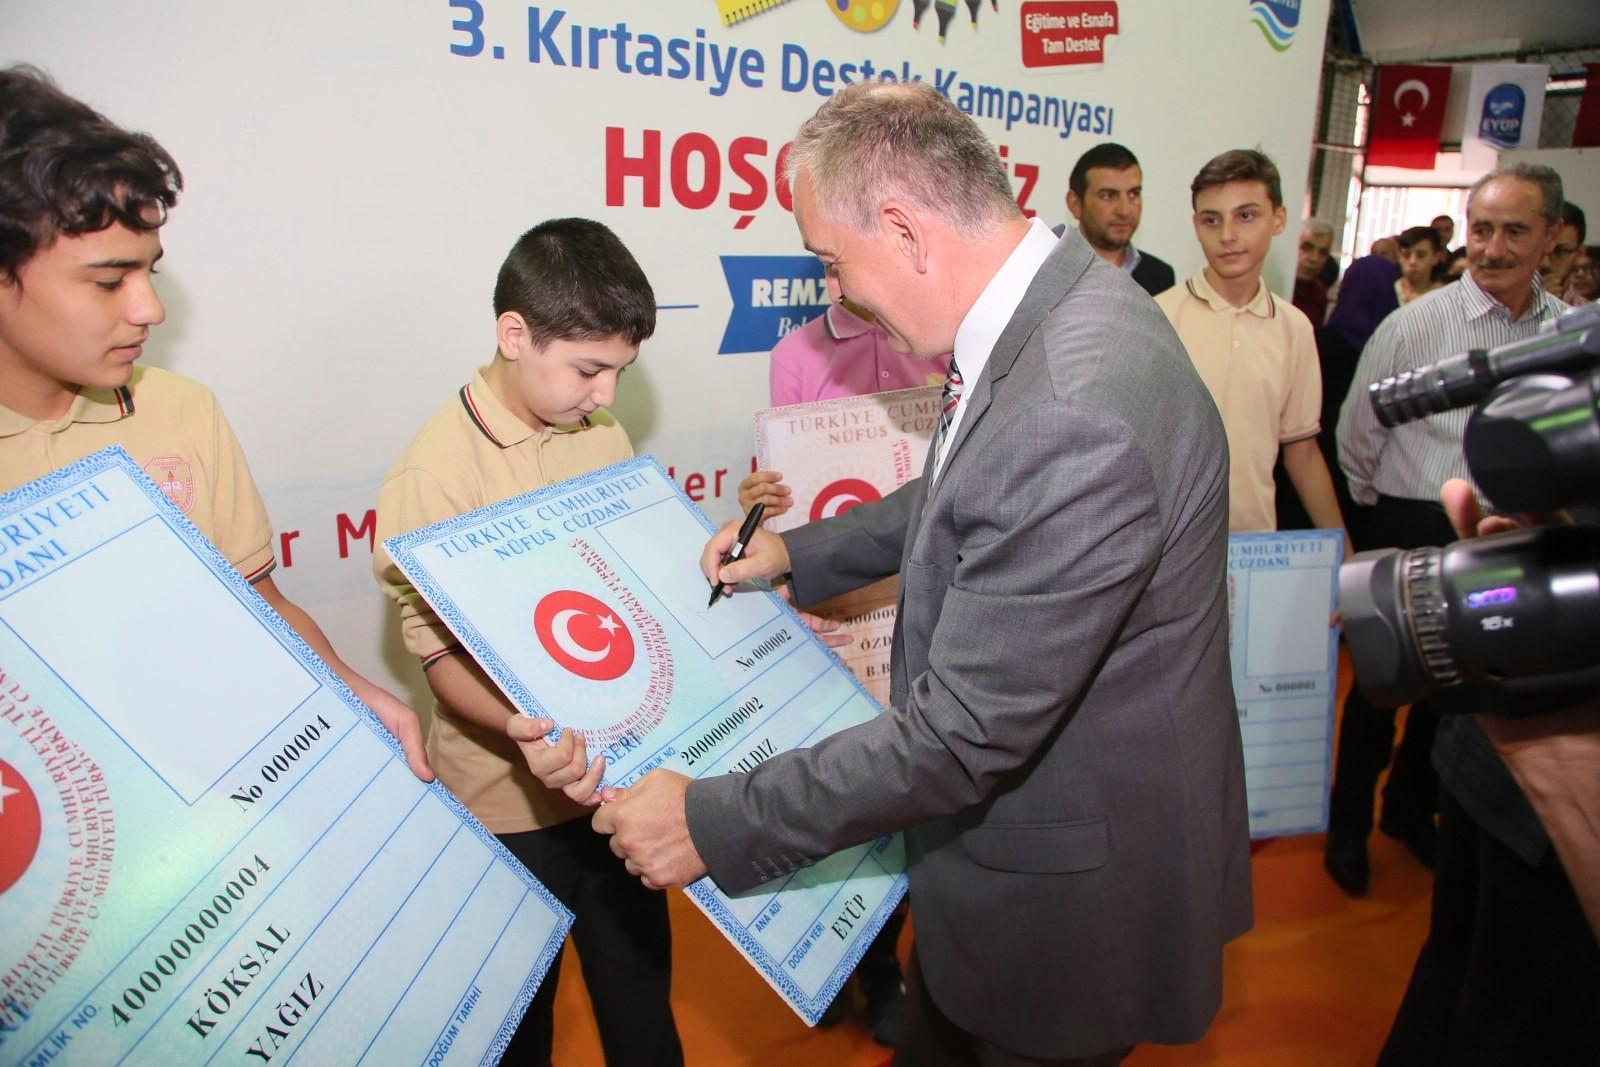 SOSYAL EKONOMİK DESTEK HİZMETLERİ (SED)